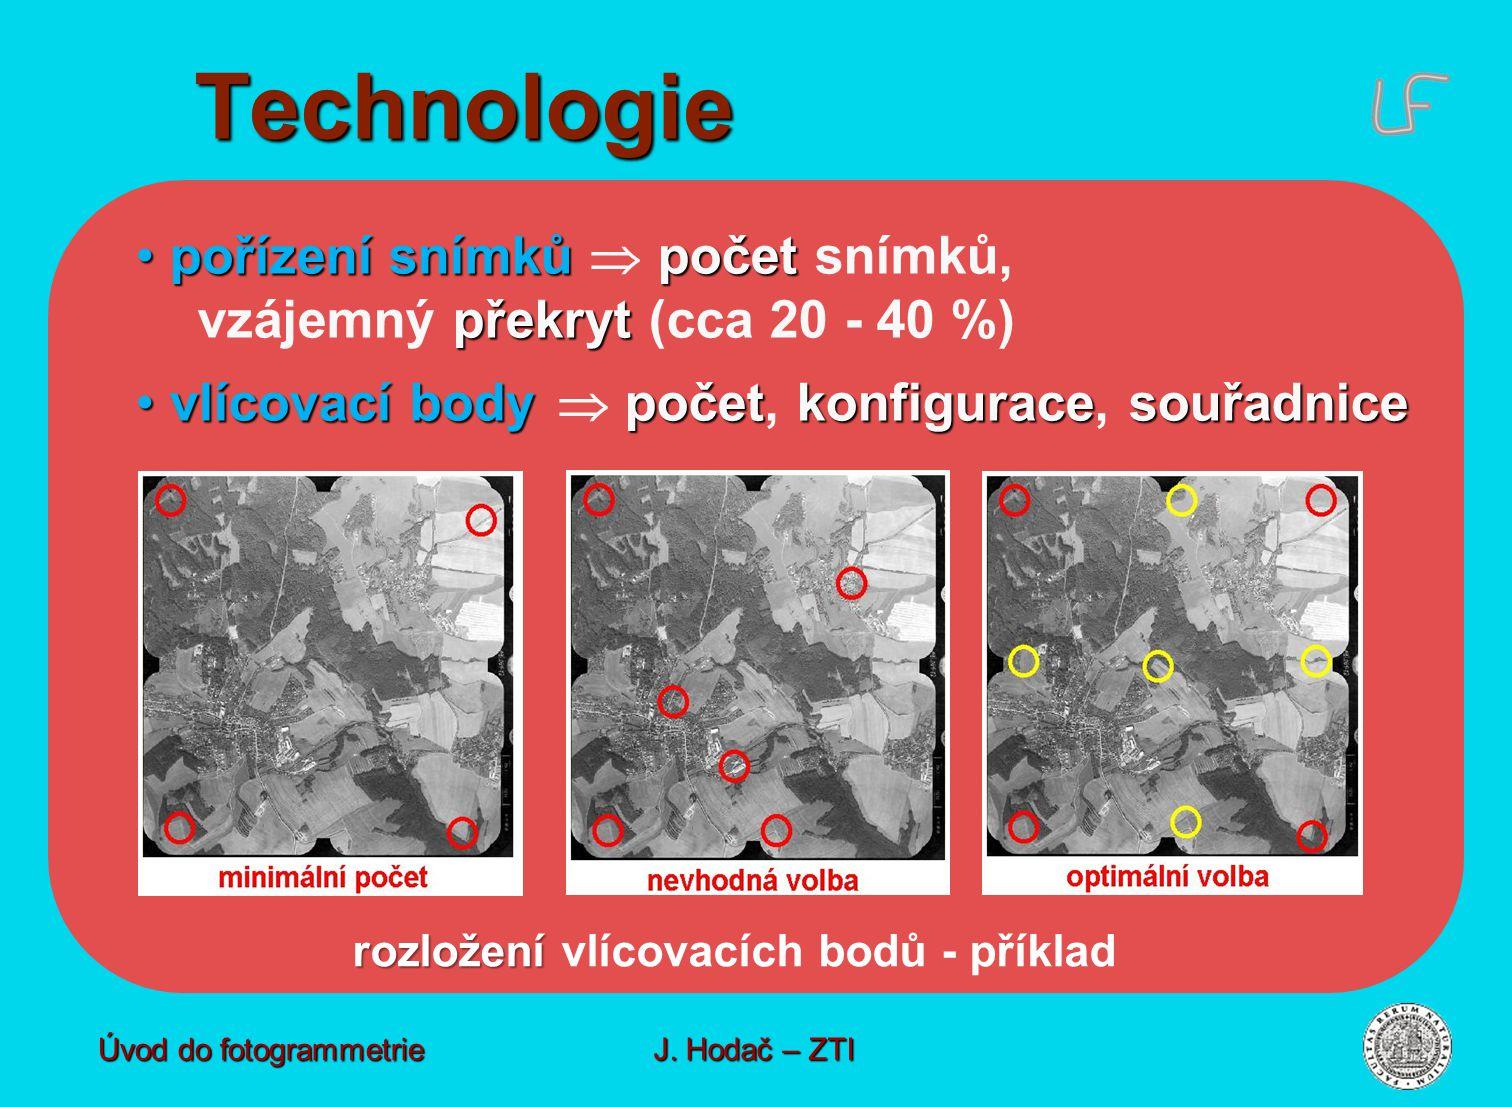 Technologie pořízení snímků  počet snímků, vzájemný překryt (cca 20 - 40 %) vlícovací body  počet, konfigurace, souřadnice.